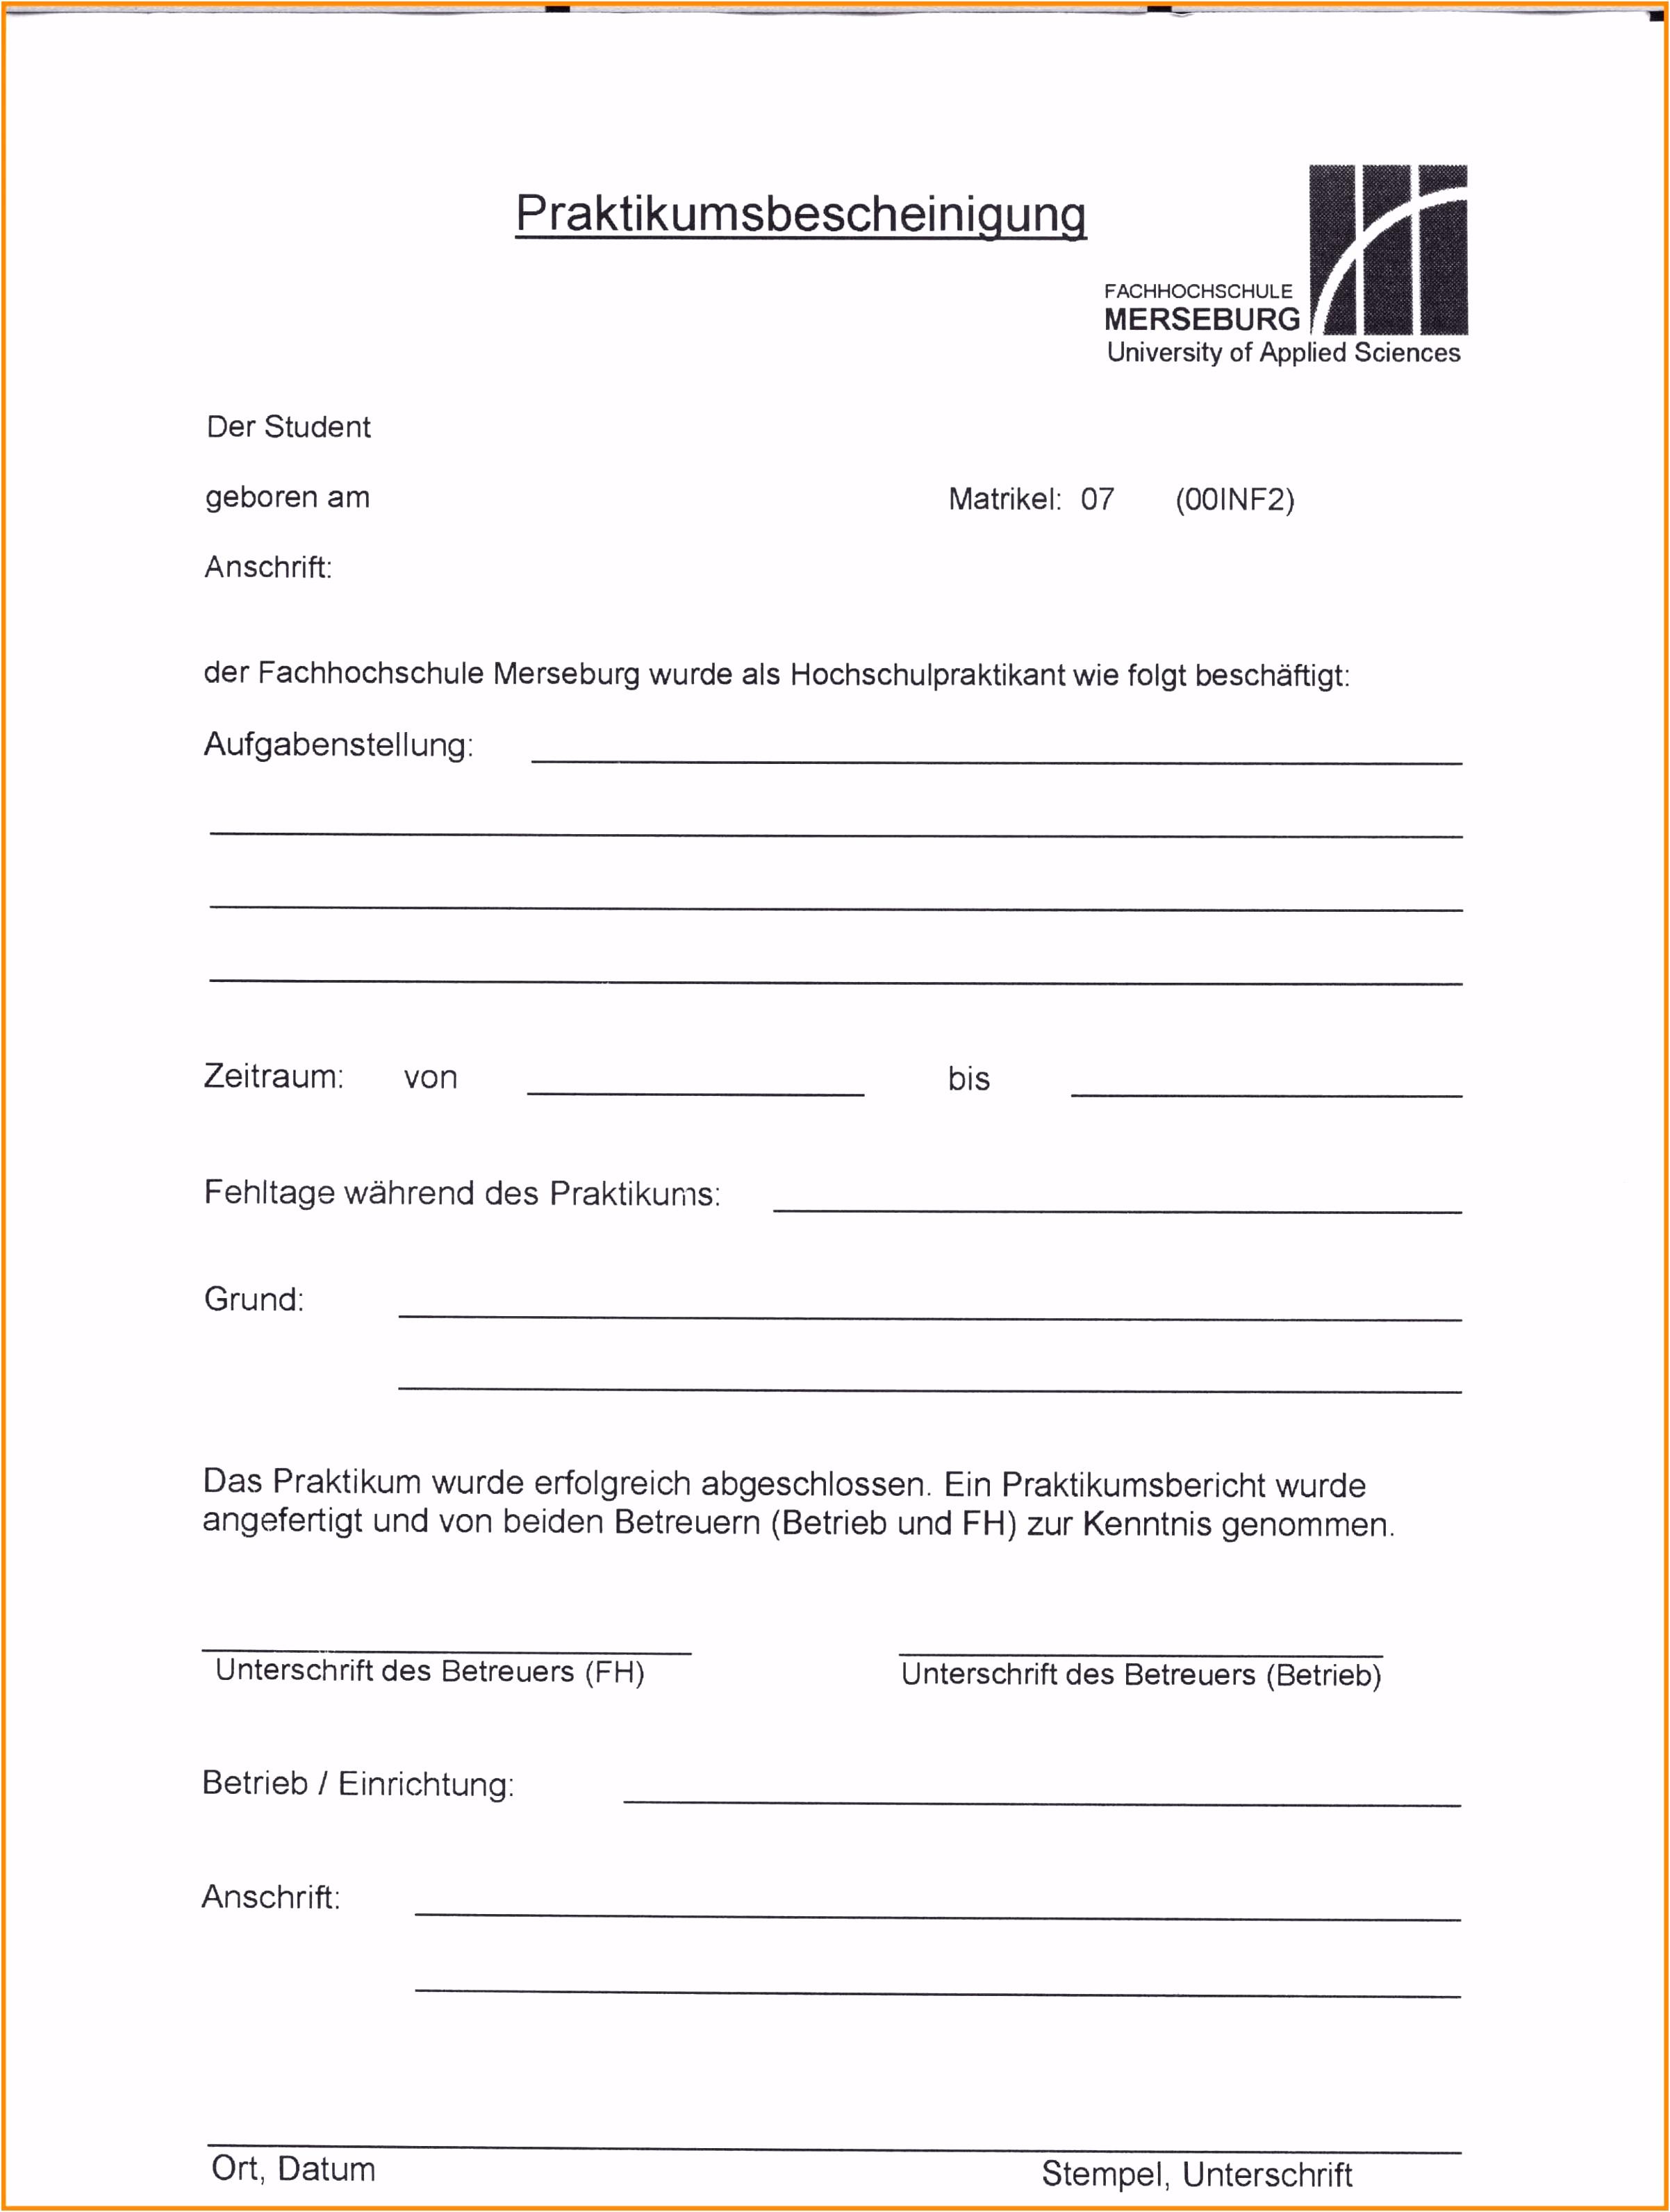 Abschlussbericht Projekt Vorlage Unglaubliche Muster Praktikumsbericht T6xb91nxn3 L0hx42kjhs